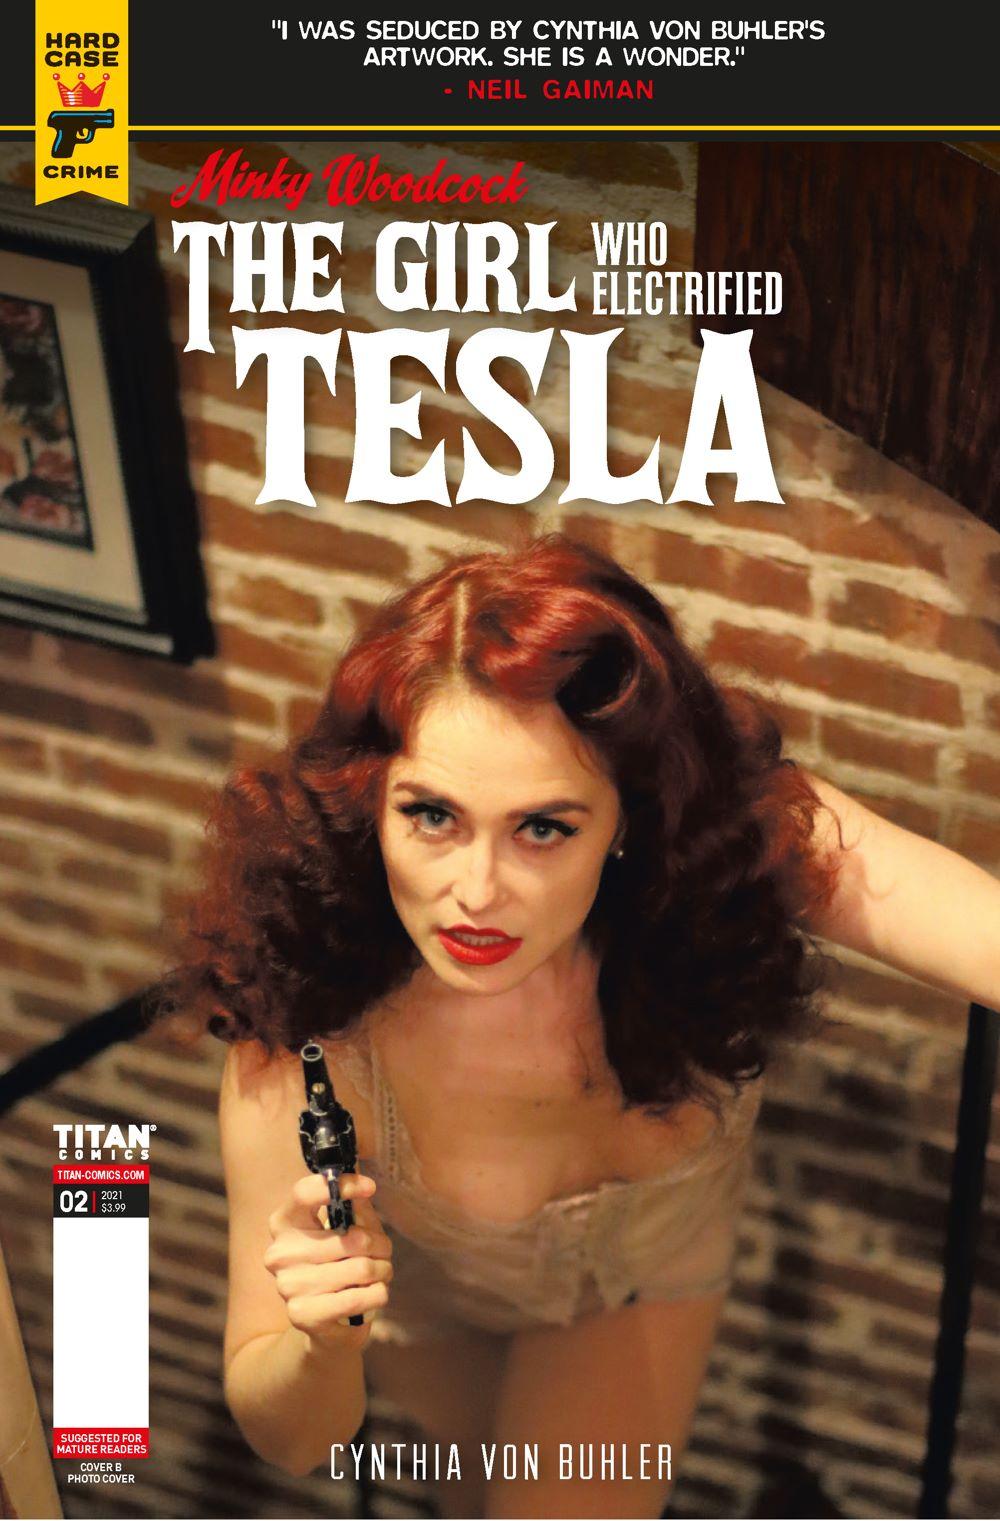 MINKY_WOODCOCK_ARC2_2_PHOTO ComicList Previews: MINKY WOODCOCK THE GIRL WHO ELECTRIFIED TESLA #2